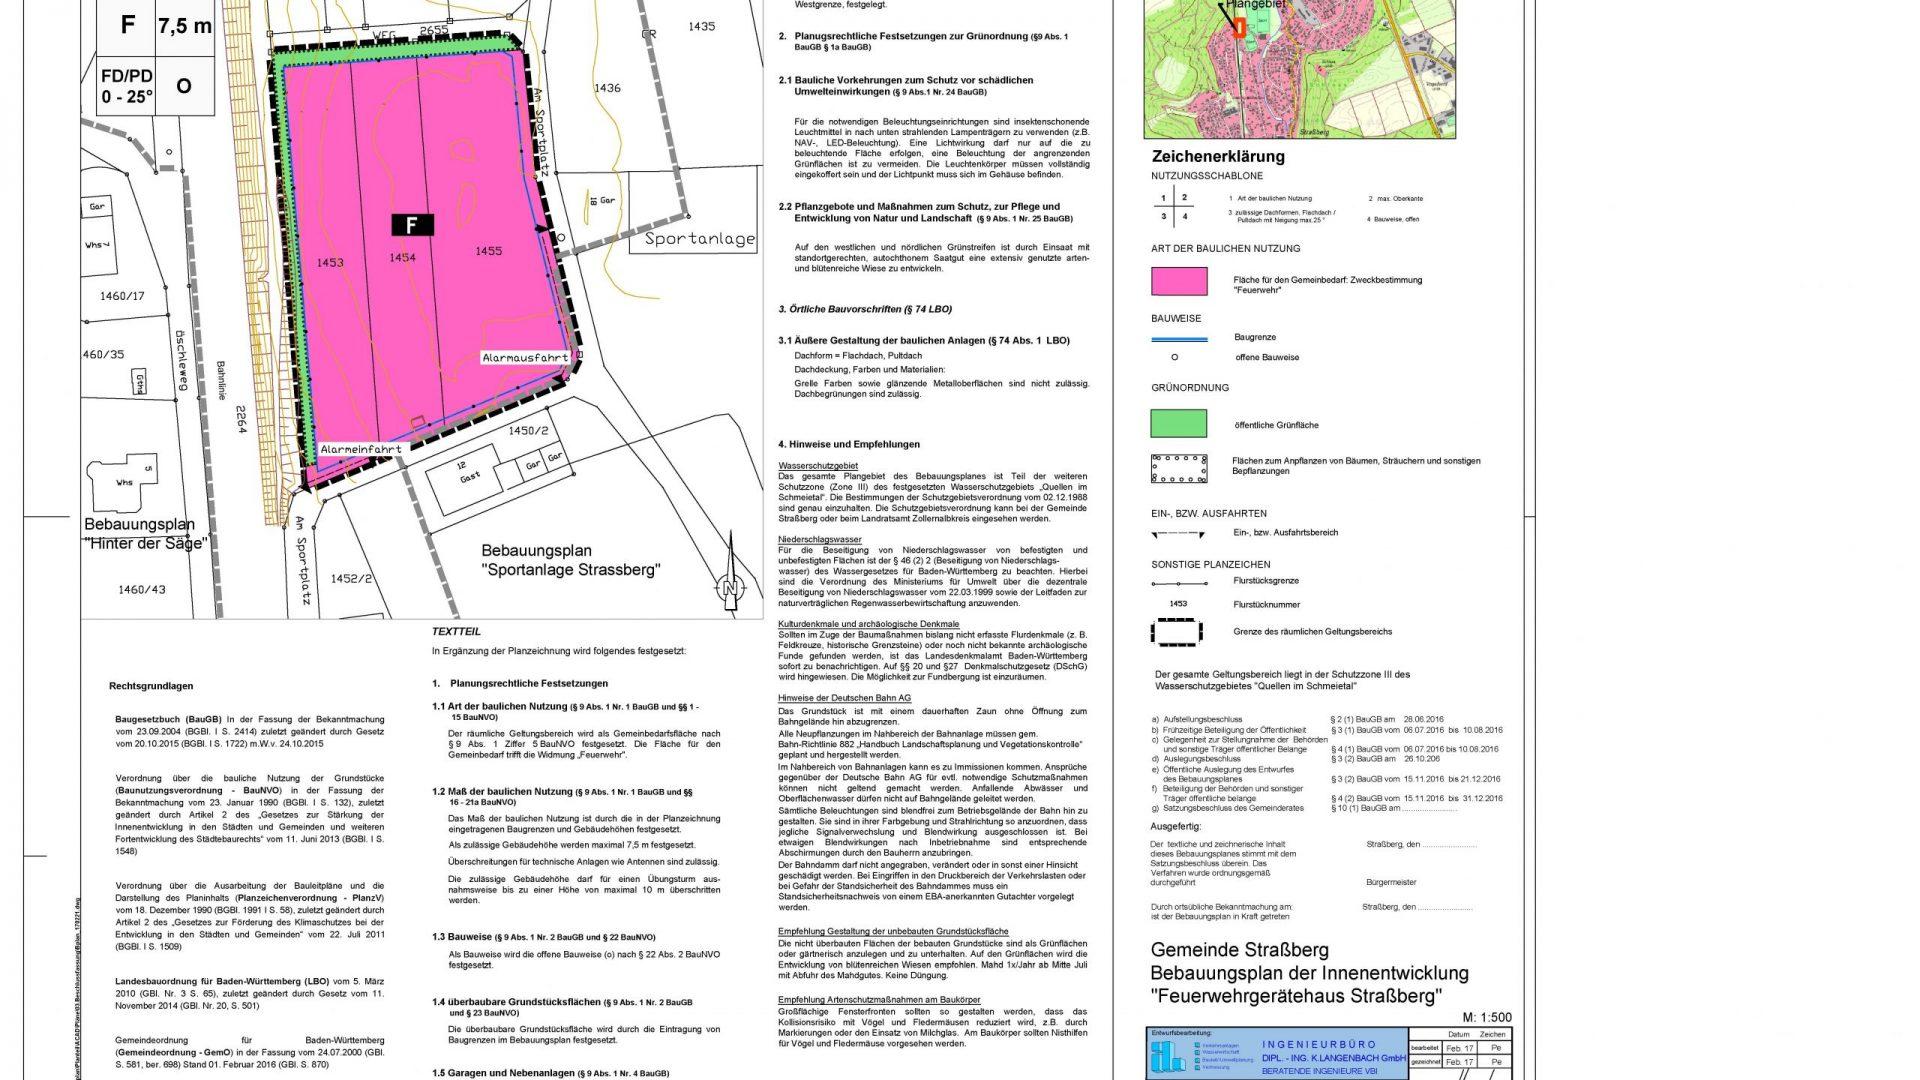 """Gemeinde Straßberg <br><h4>Bebauungsplan der Innenentwicklung """"Feuerwehrgerätehaus Straßberg""""</h4>"""